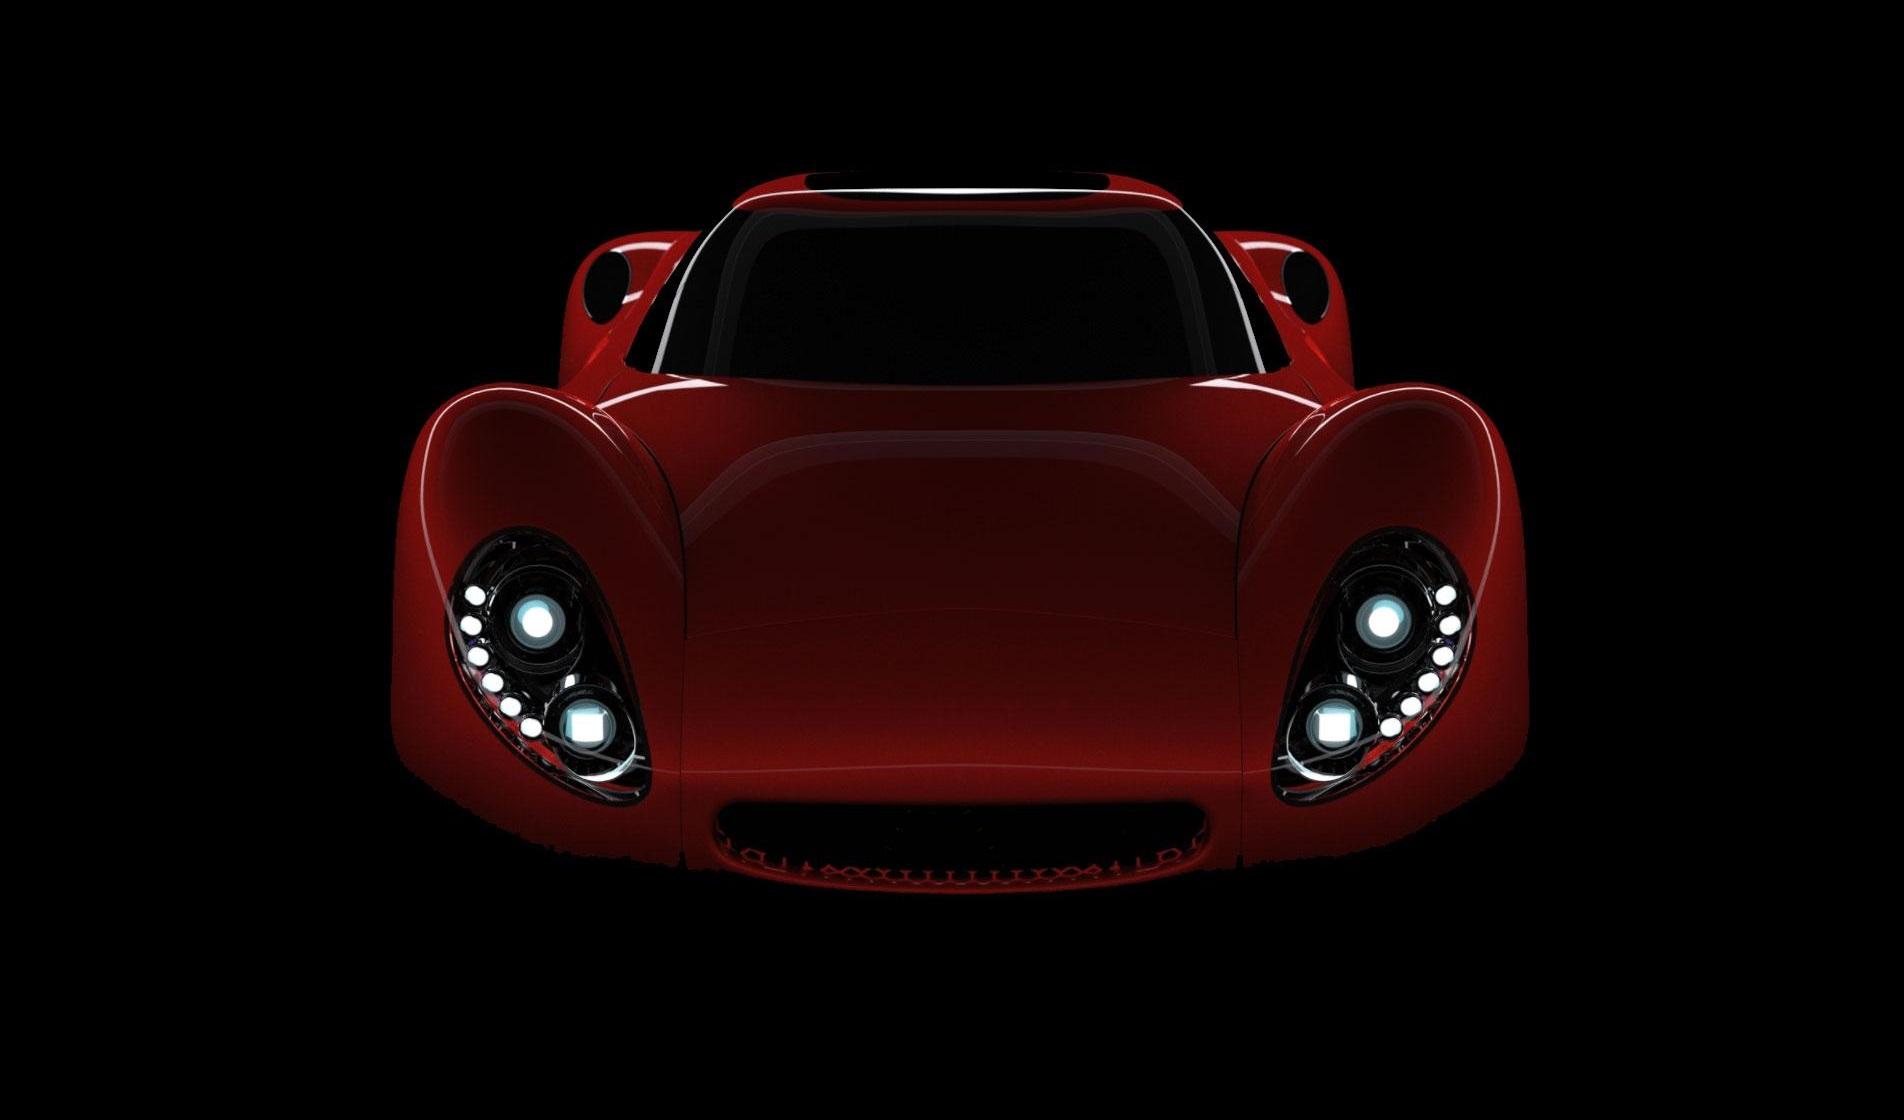 Ювелирная компания создаст самый быстрый автомобиль в мире